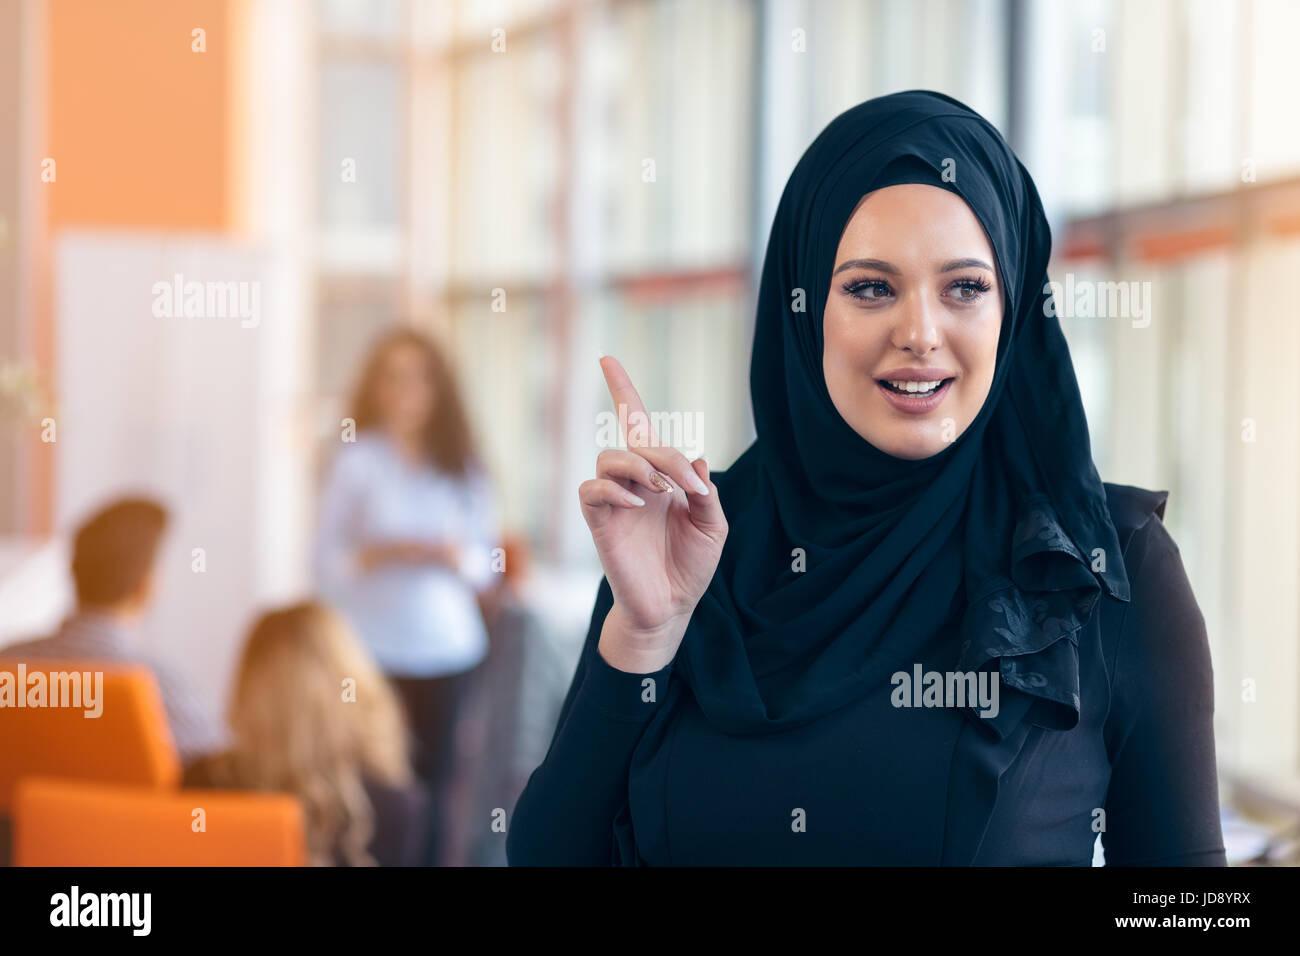 4fd96d5b42e7 Attraente Ritratto di giovane donna musulmana con il nero hijab in ufficio  Immagini Stock